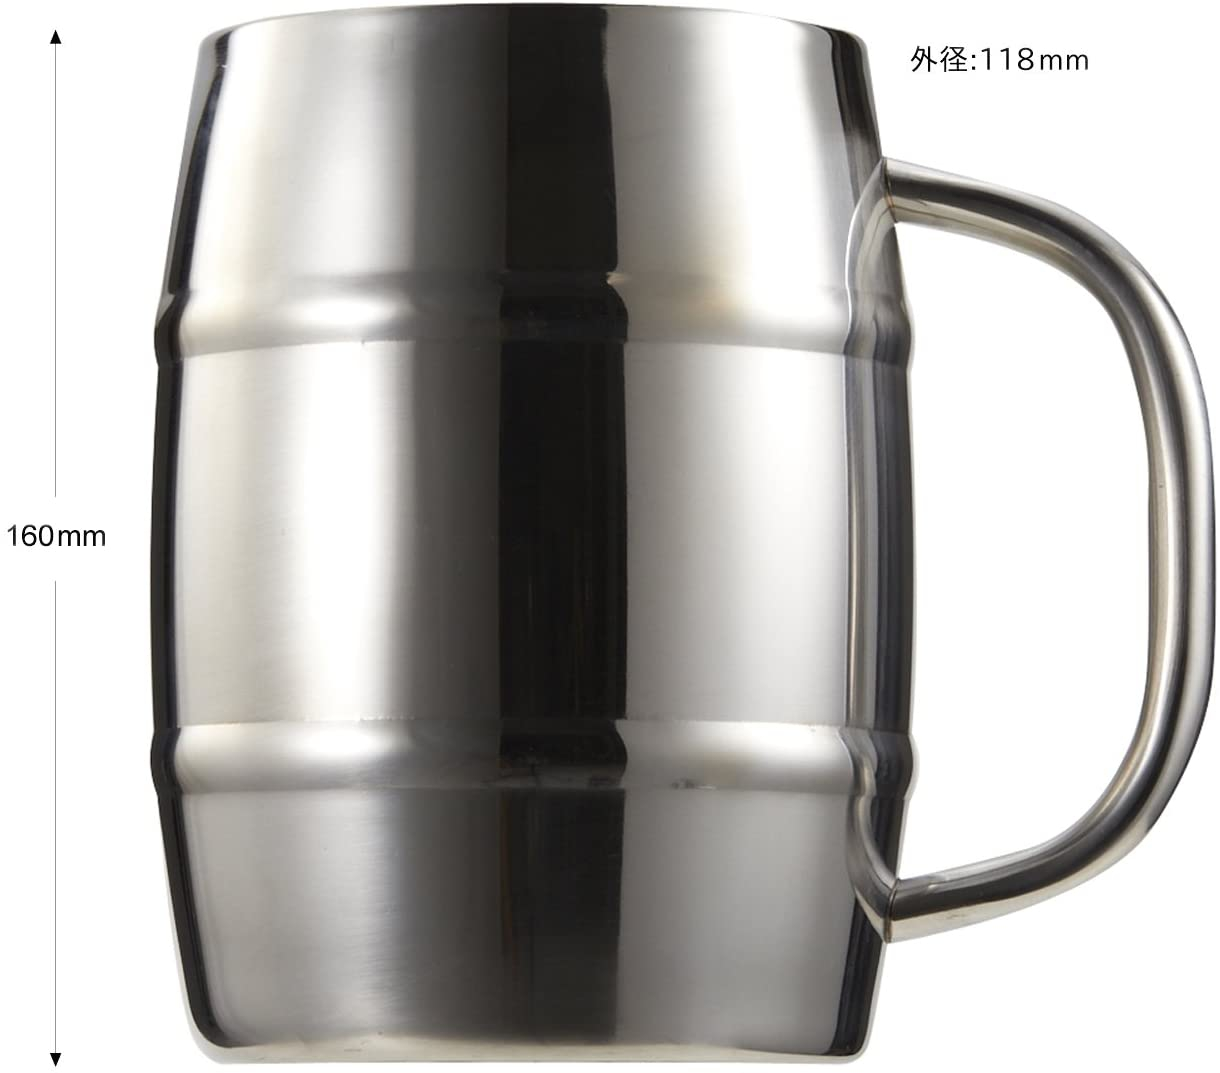 CAPTAIN STAG(キャプテンスタッグ) ビールジョッキ ダブルステンレス 樽型 1.0L UH2001の商品画像2